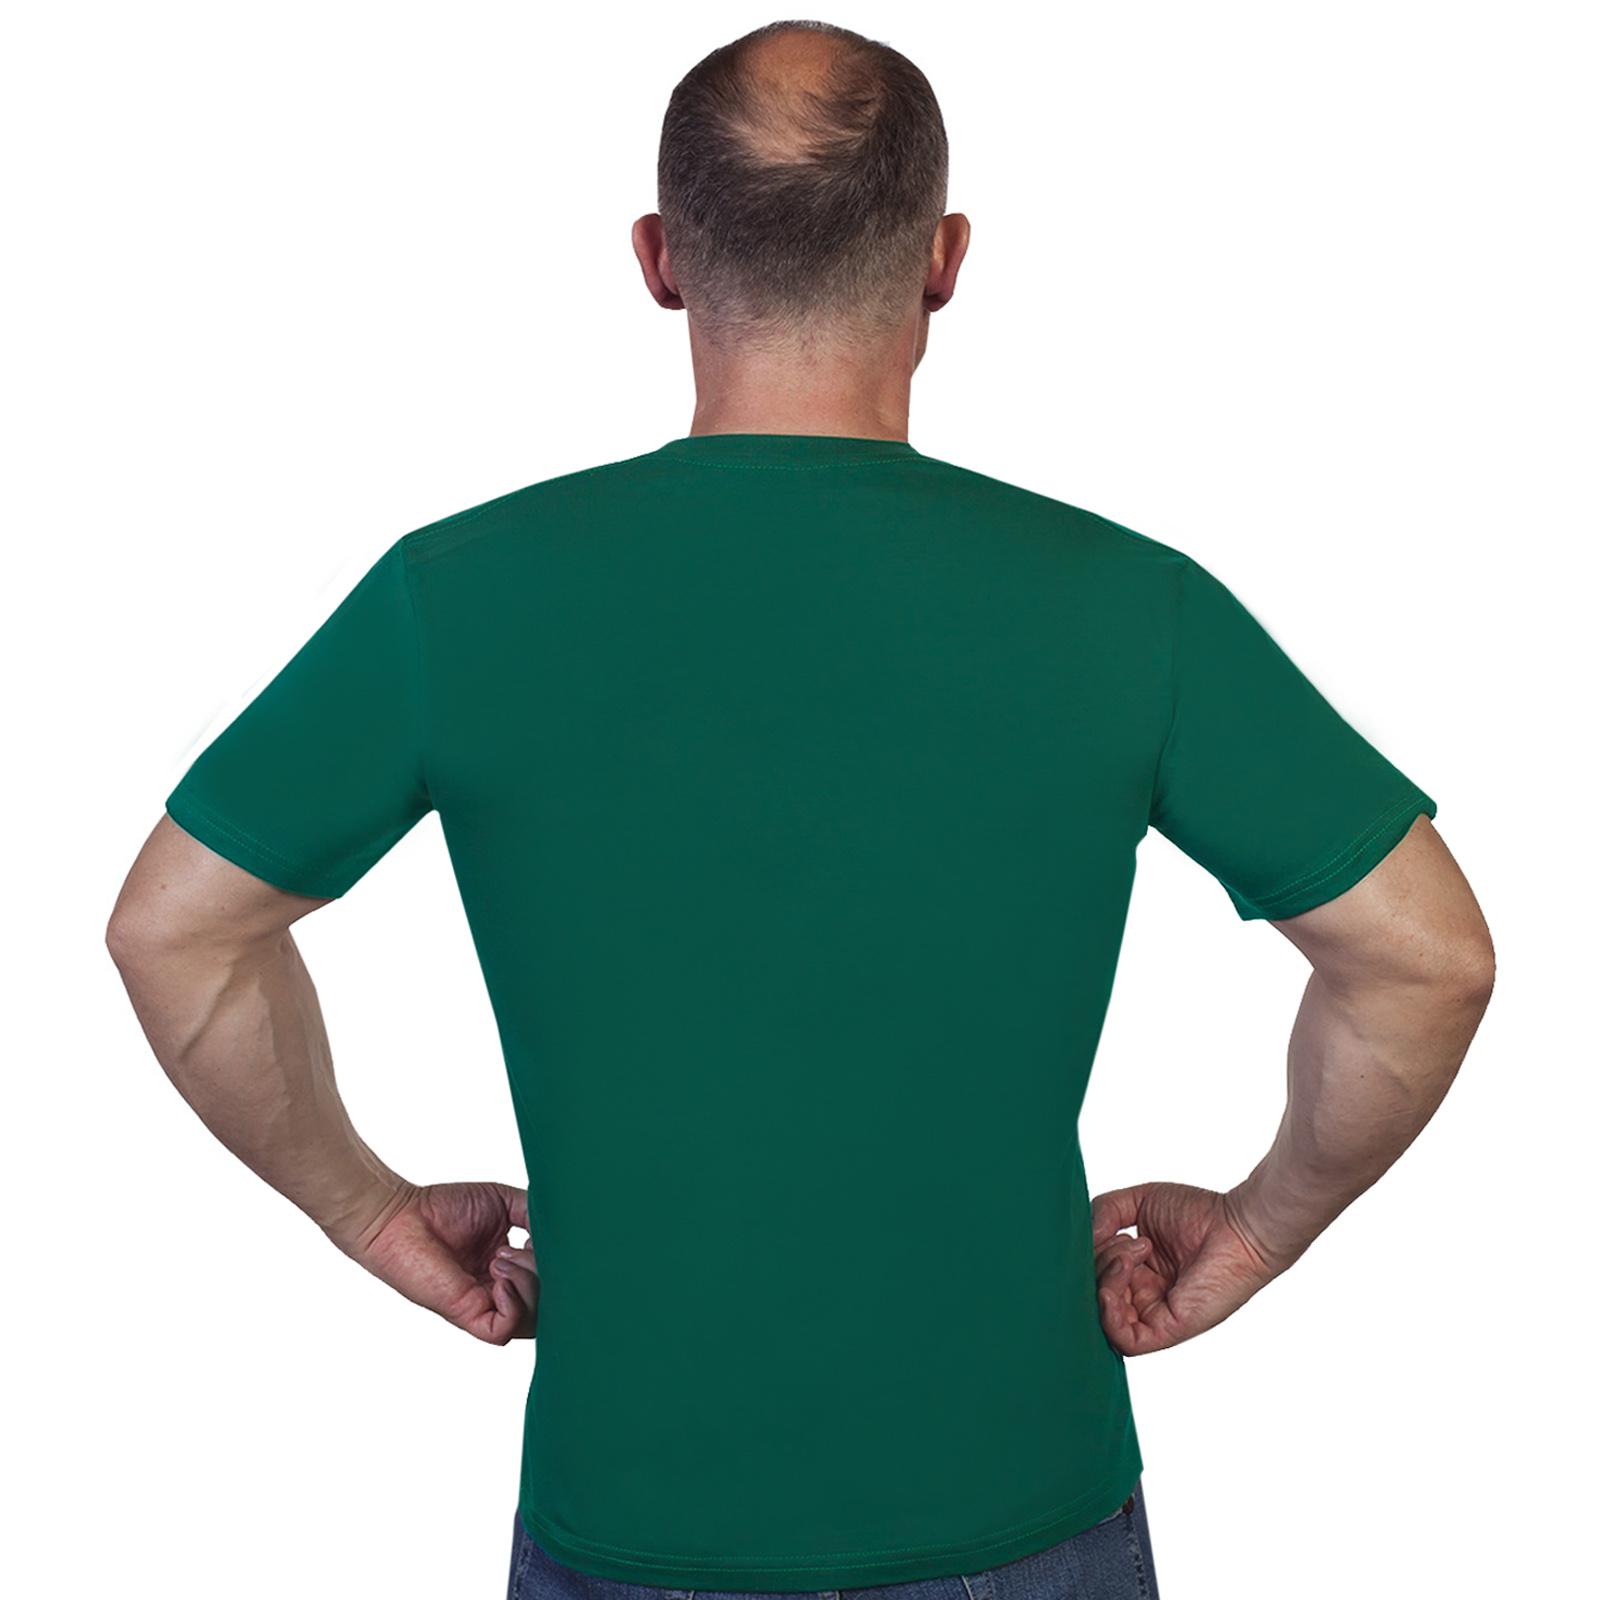 Однотонная зеленая футболка - купить недорого